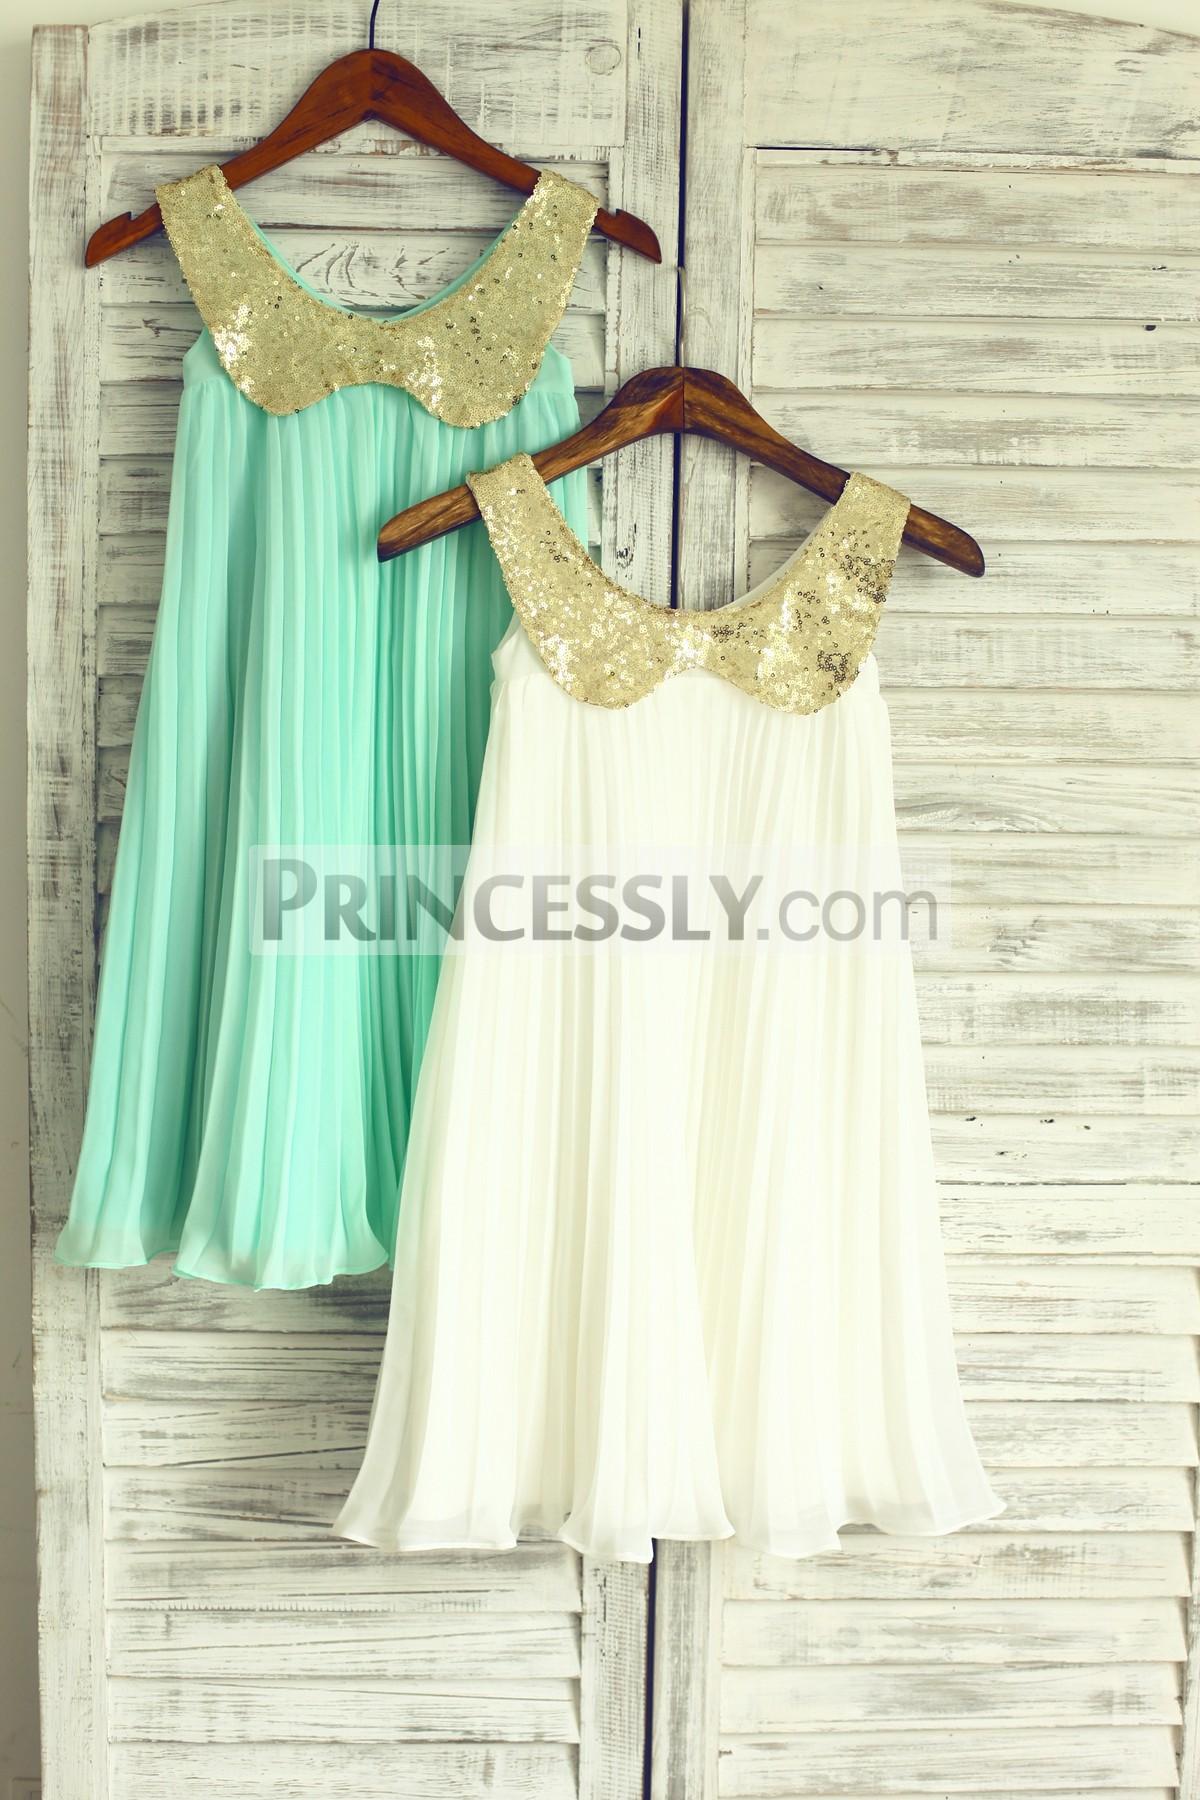 d3d105640c1 Boho gold sequin chiffon beach wedding flower girl dress · Gold sequin  peter pan collar mint wedding baby ...